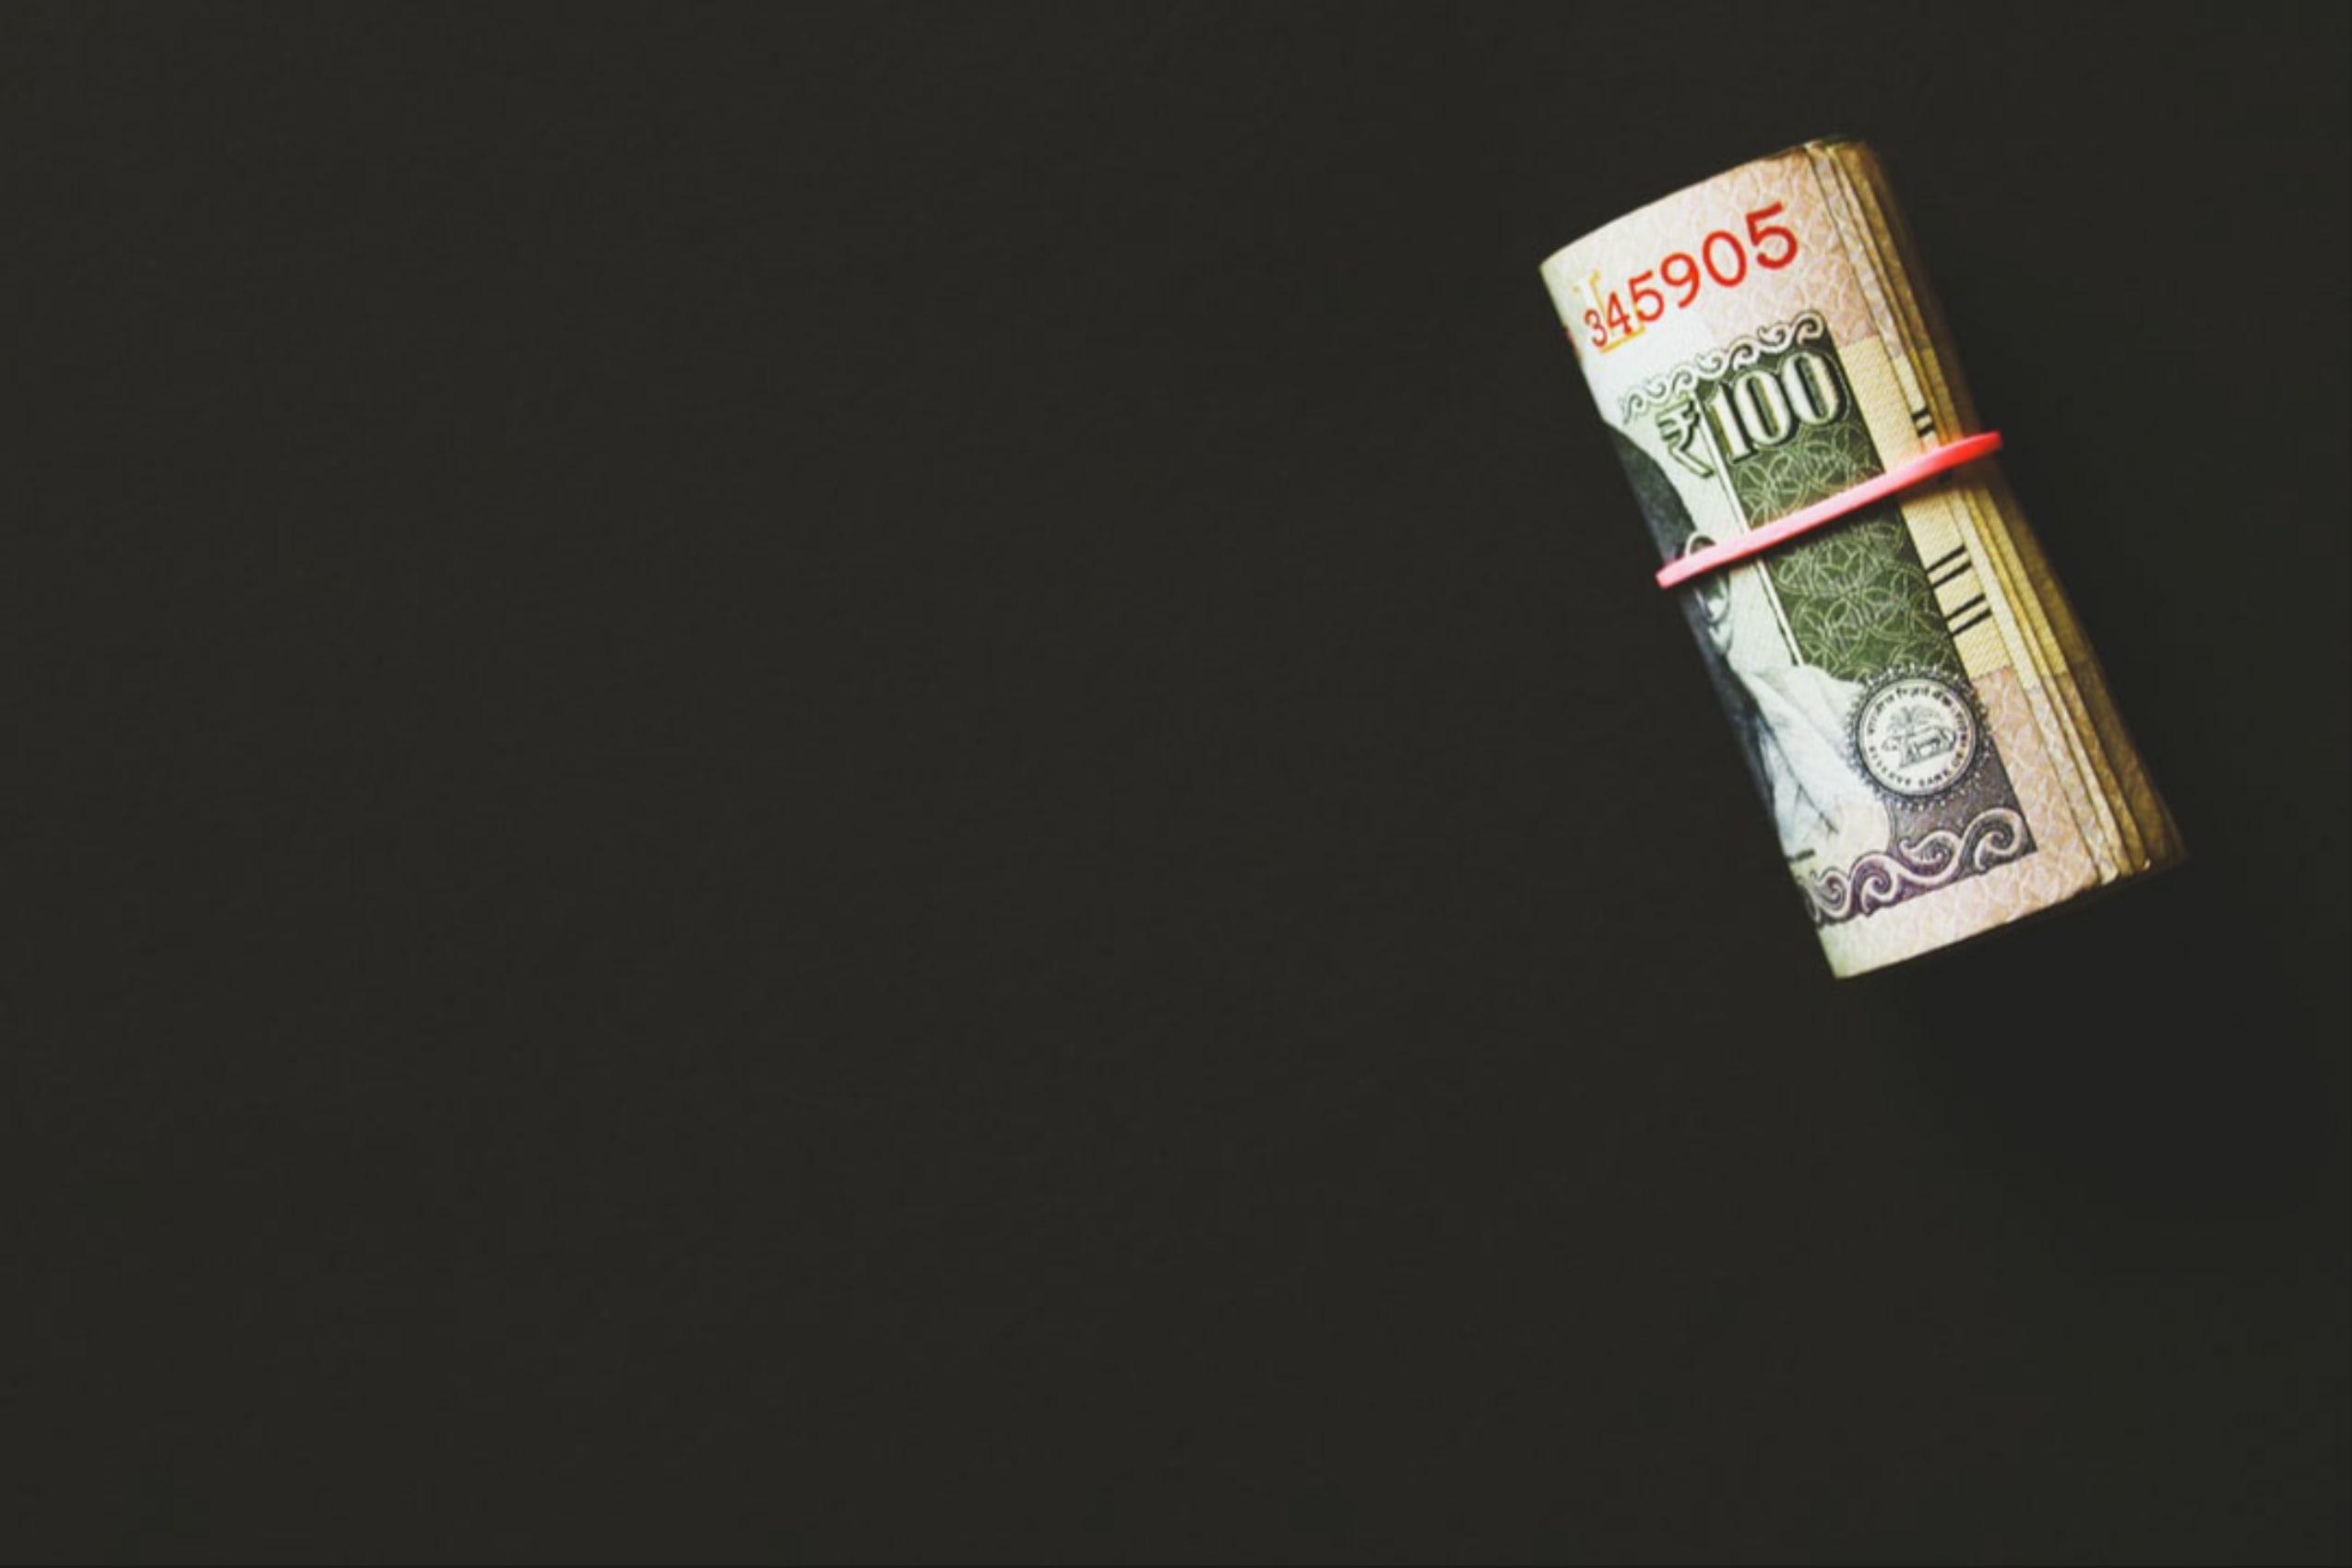 Bingung Memilih Investasi? Ini Perbedaan Saham dan Obligasi